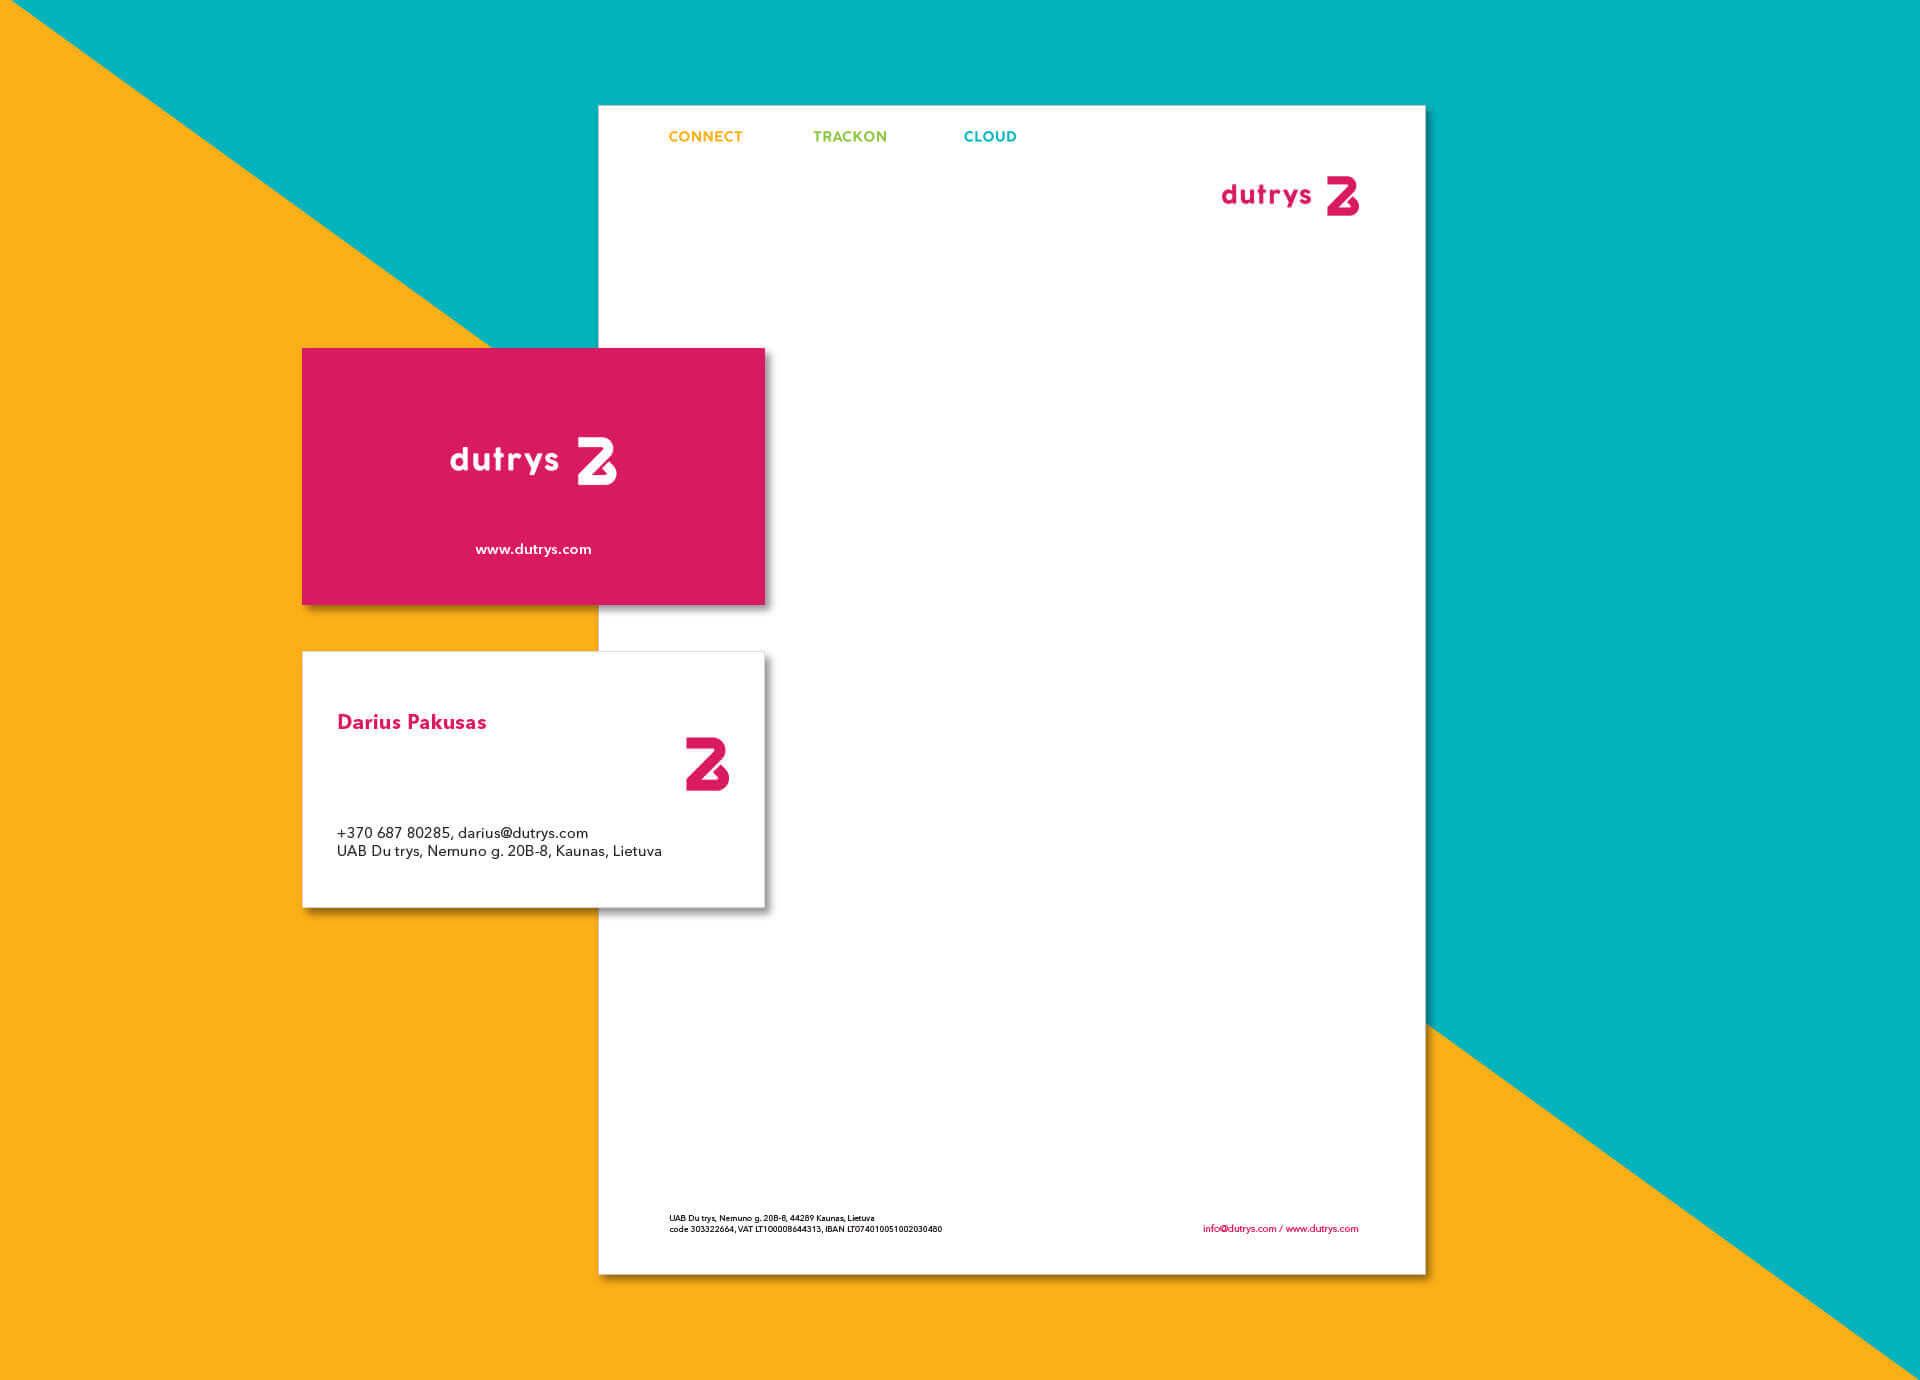 3_Du-trys_branding-1920x1380